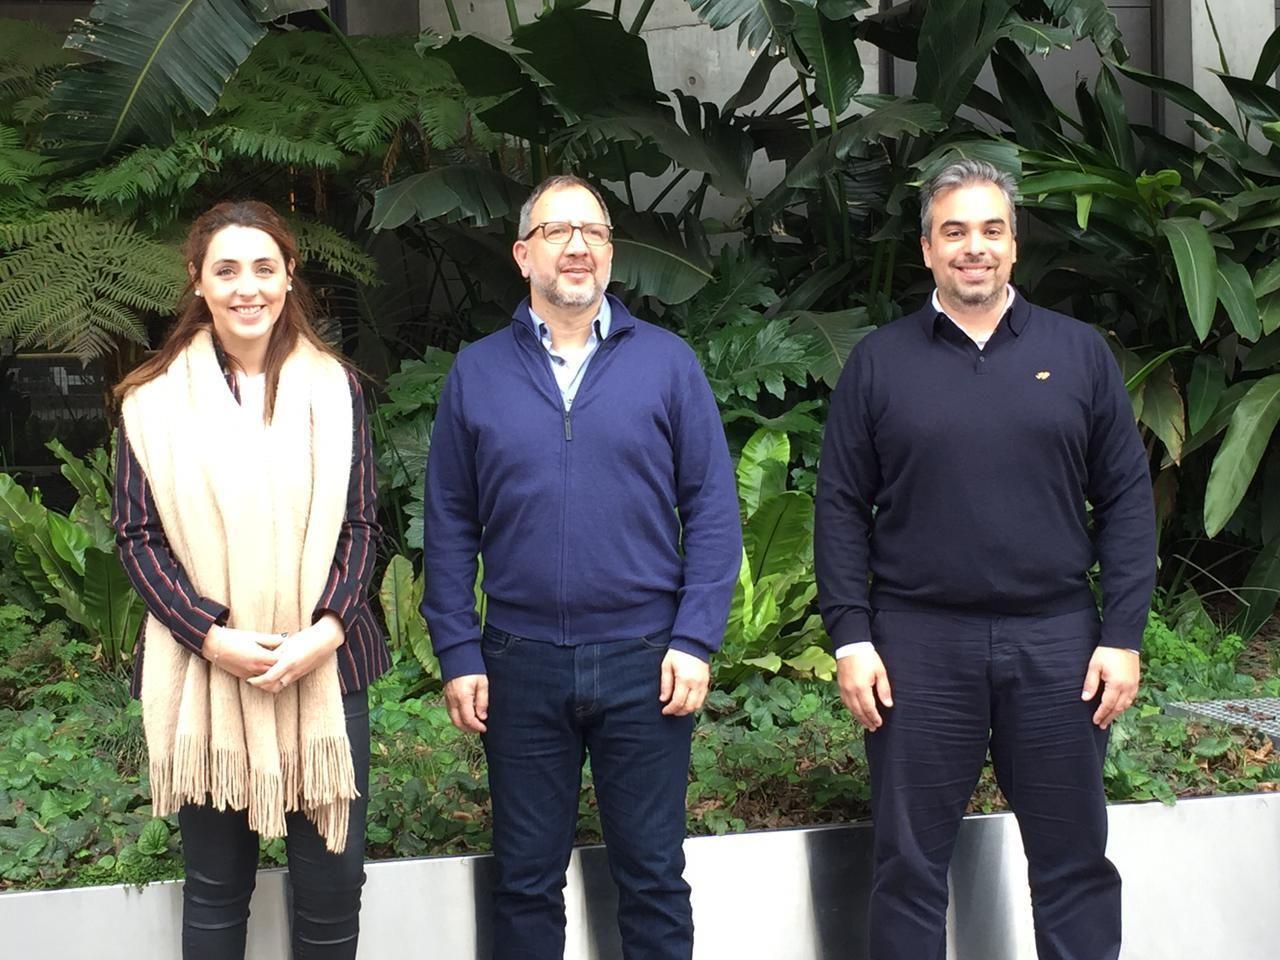 Fabián Perechodnik, Julieta Quintero y Federico Gómez, los tres primeros candidatos de la lista PRO para las elecciones provinciales en La Plata.